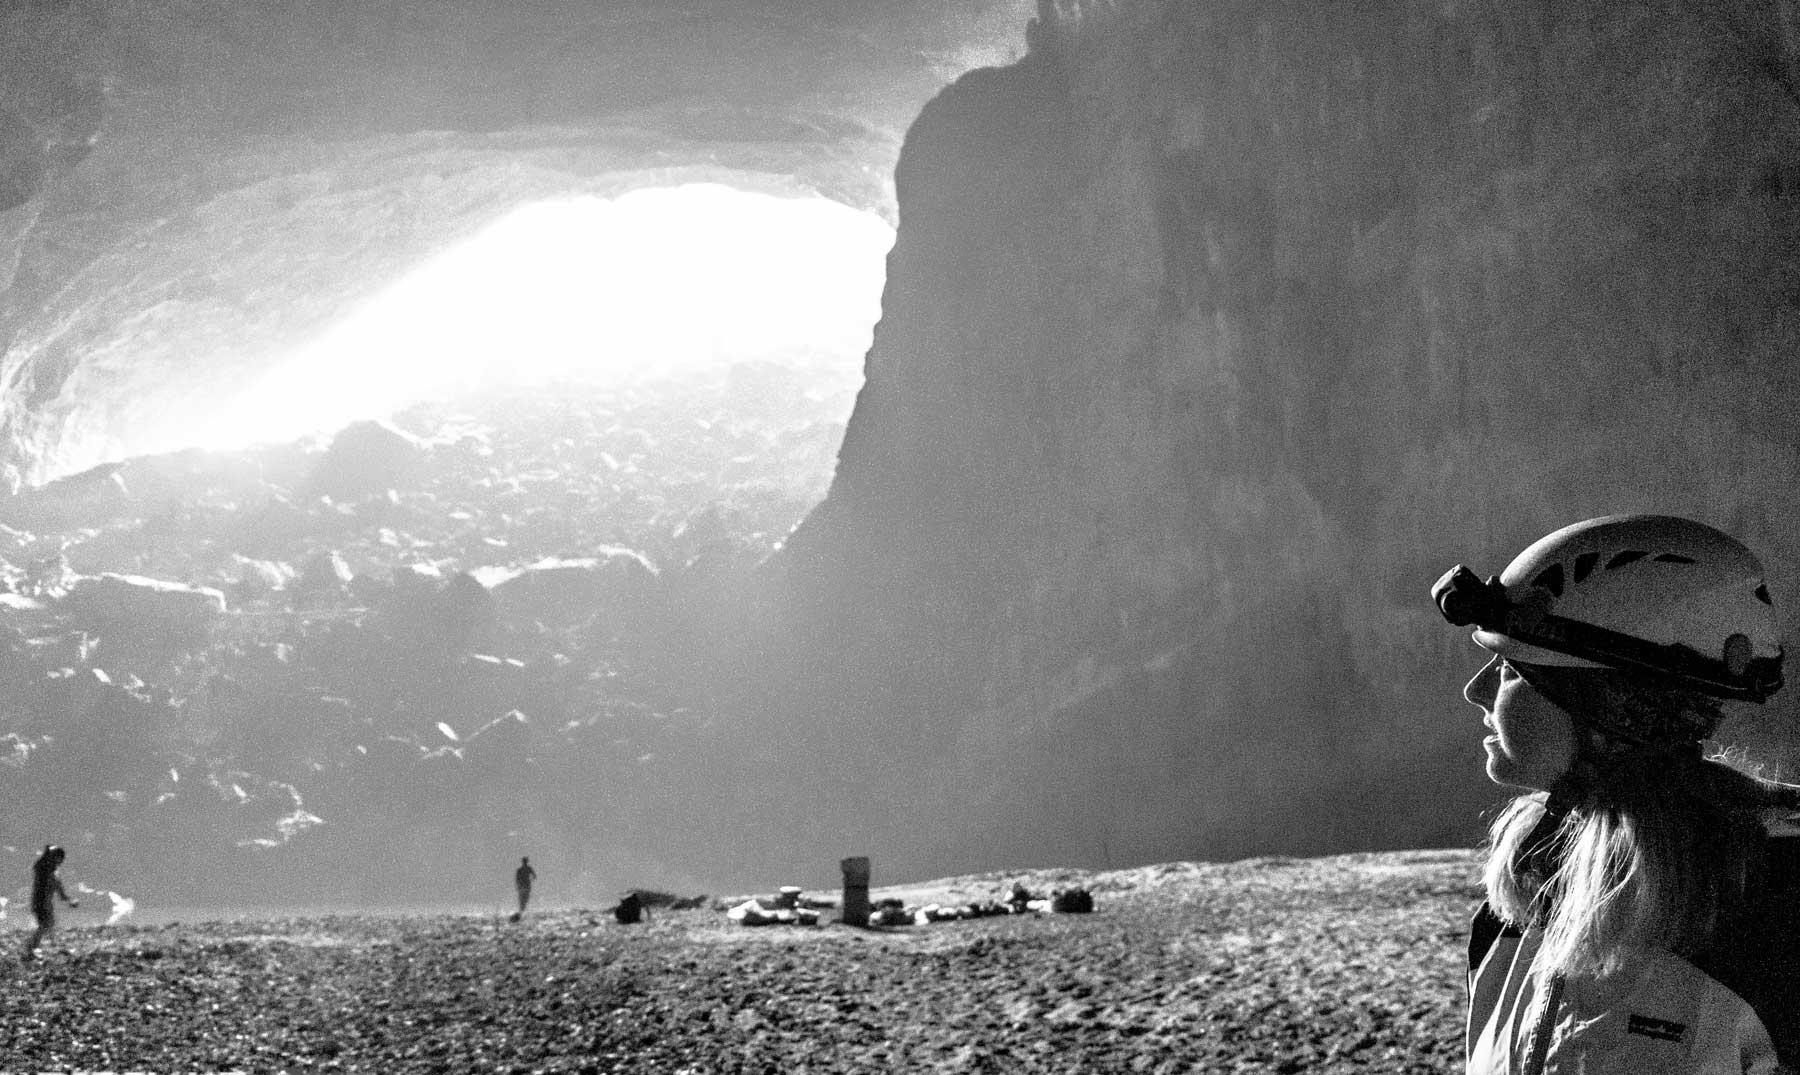 La cueva más grande del mundo: Son Doong